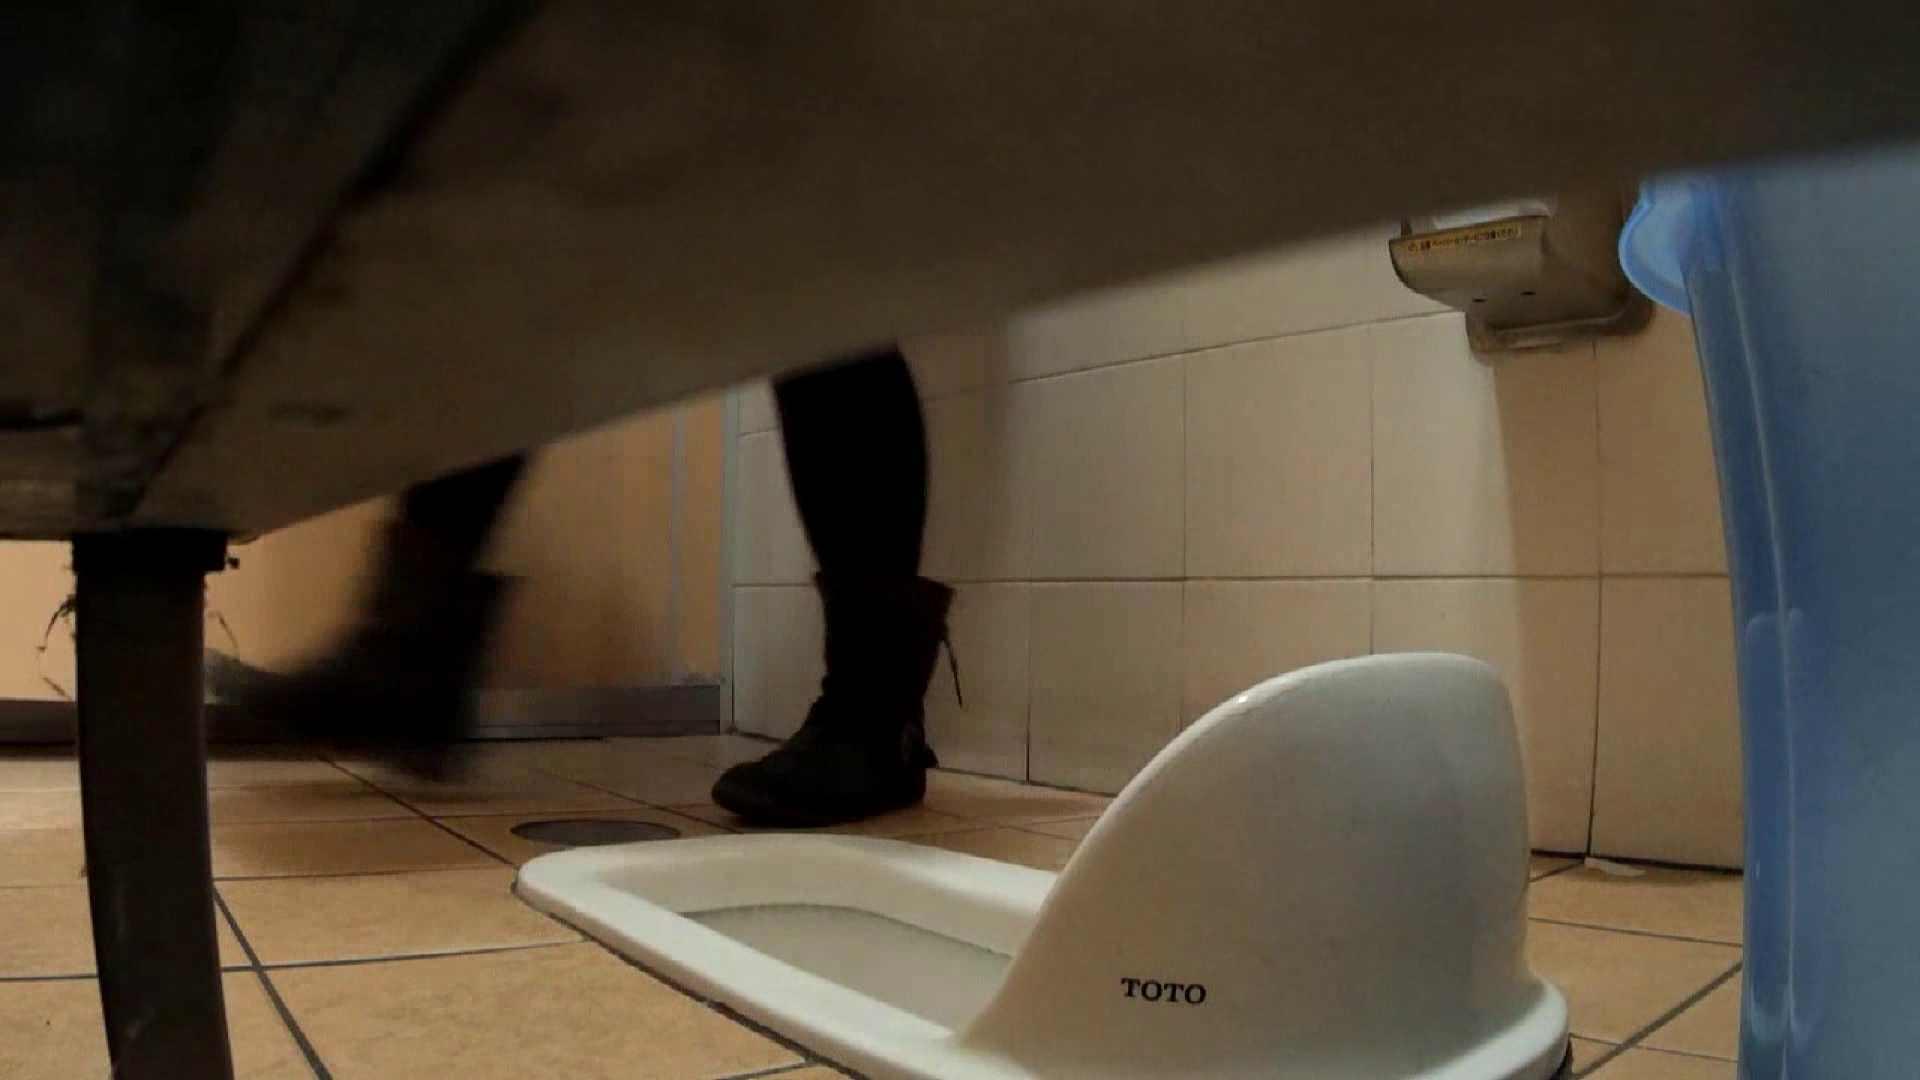 痴態洗面所 Vol.04 上と下の割合が絶妙です。 洗面所着替え | OL  53連発 46